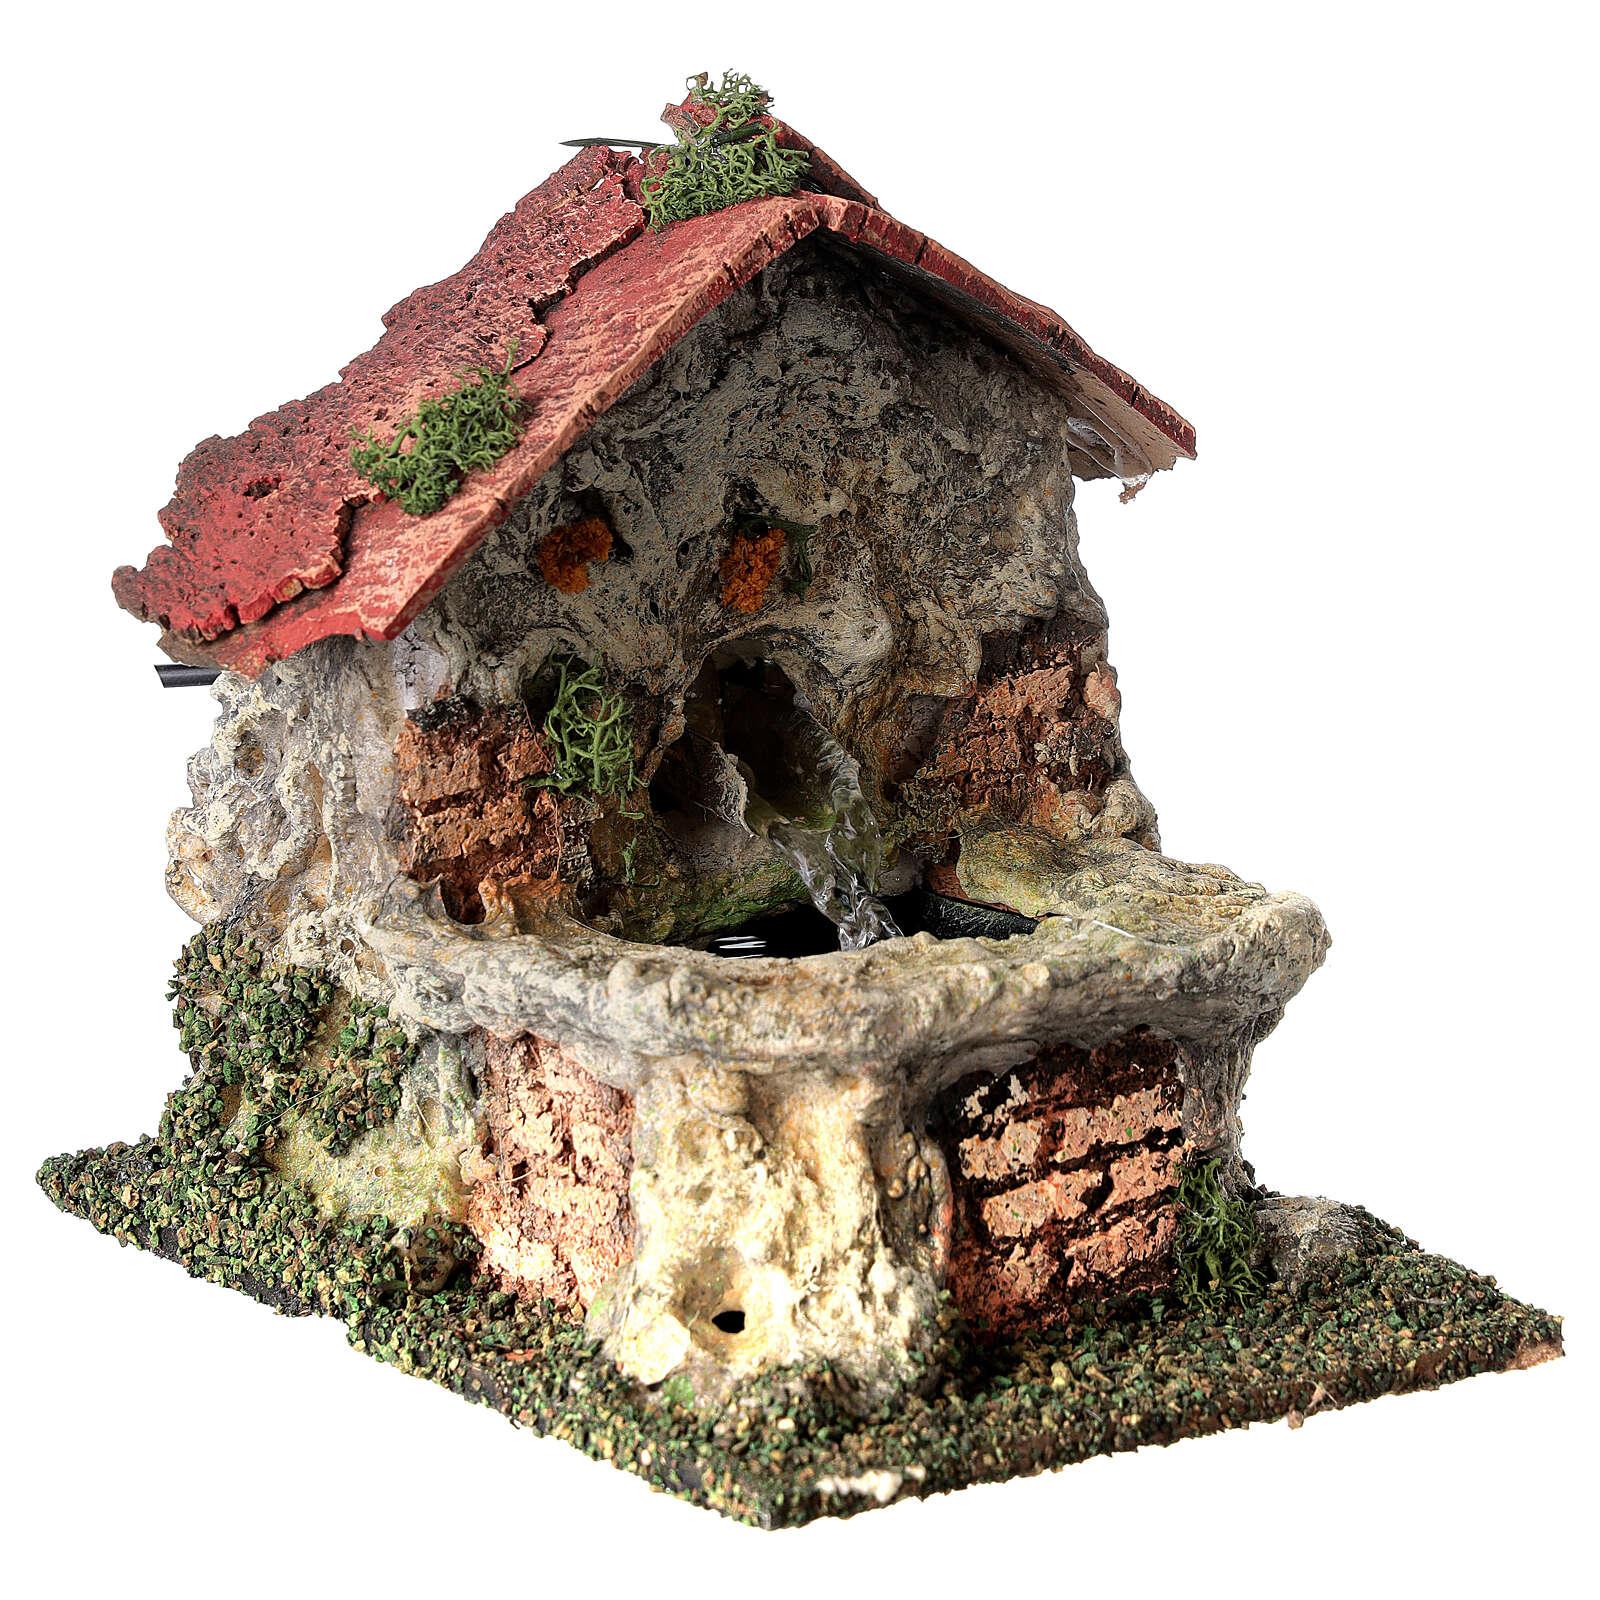 Fontanário funcionante em miniatura para presépio com figuras altura média 8-10 cm, medidas: 15x10x15 cm 4